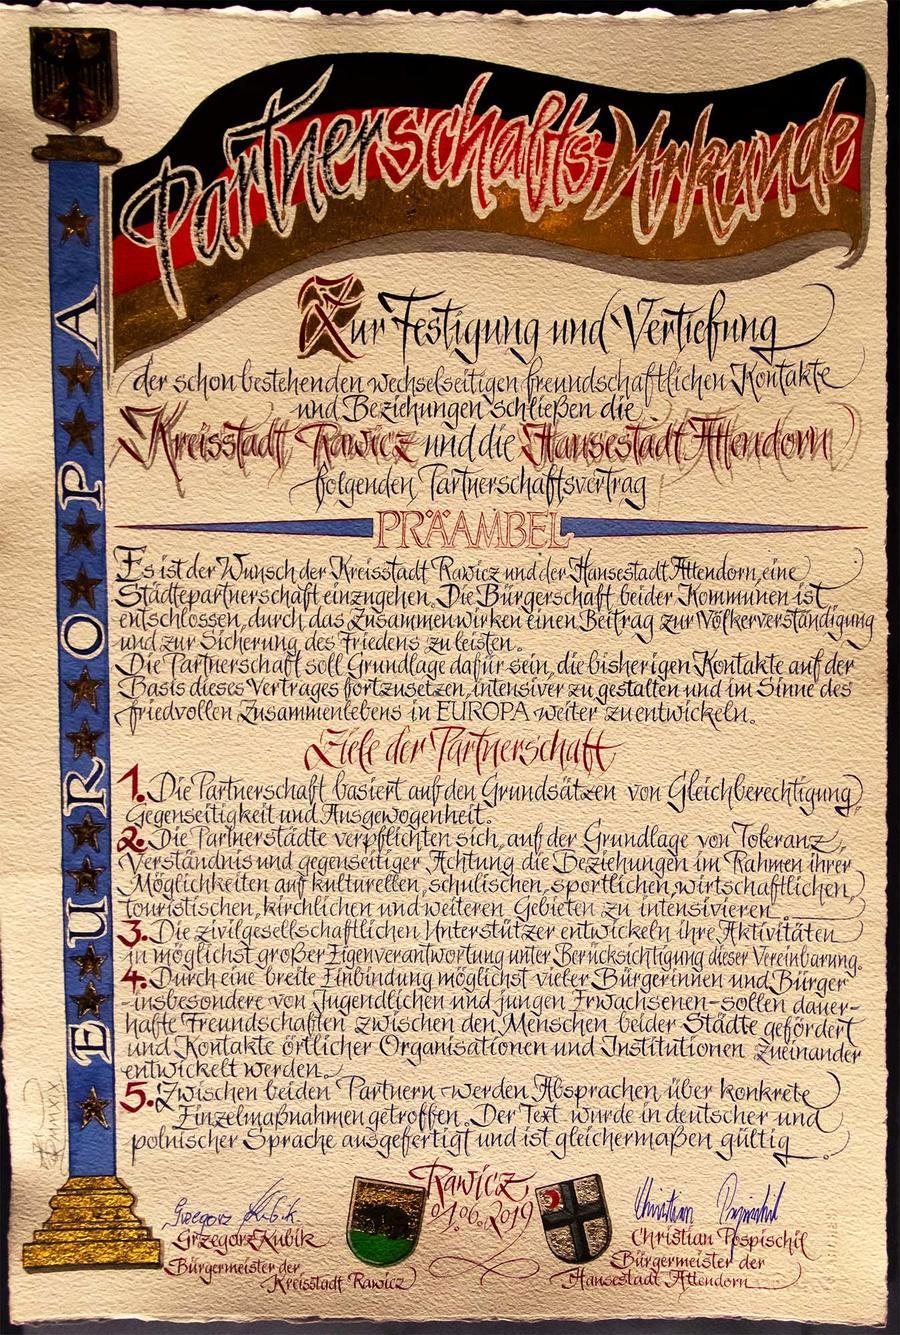 Der Vertrag der Städtepartnerschaft zwischen Attendorn und Rawicz.